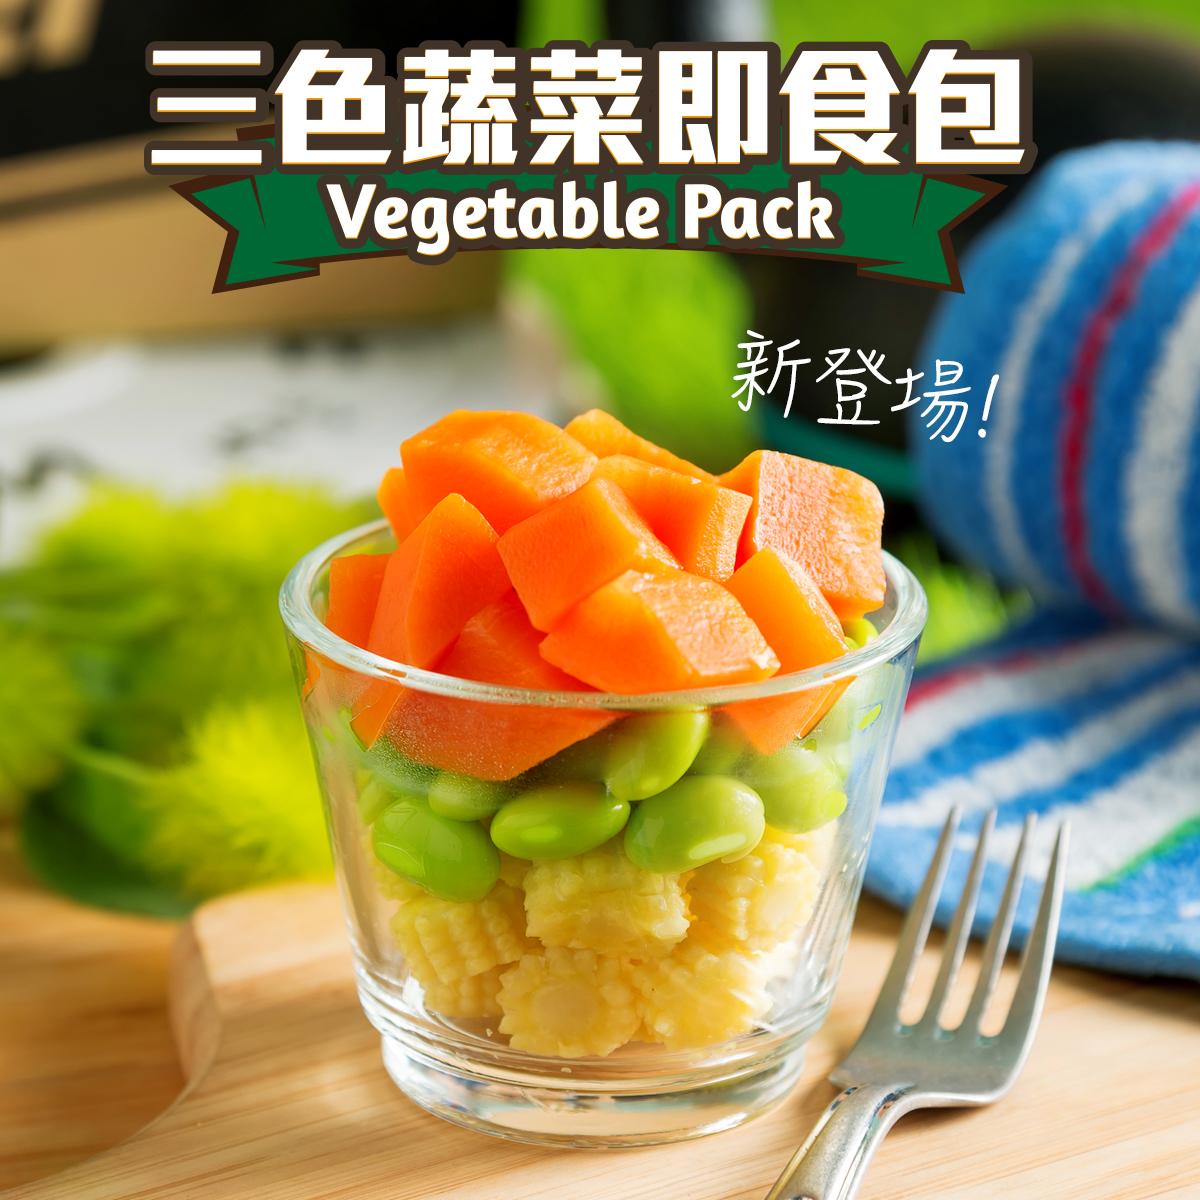 三色蔬菜即食包